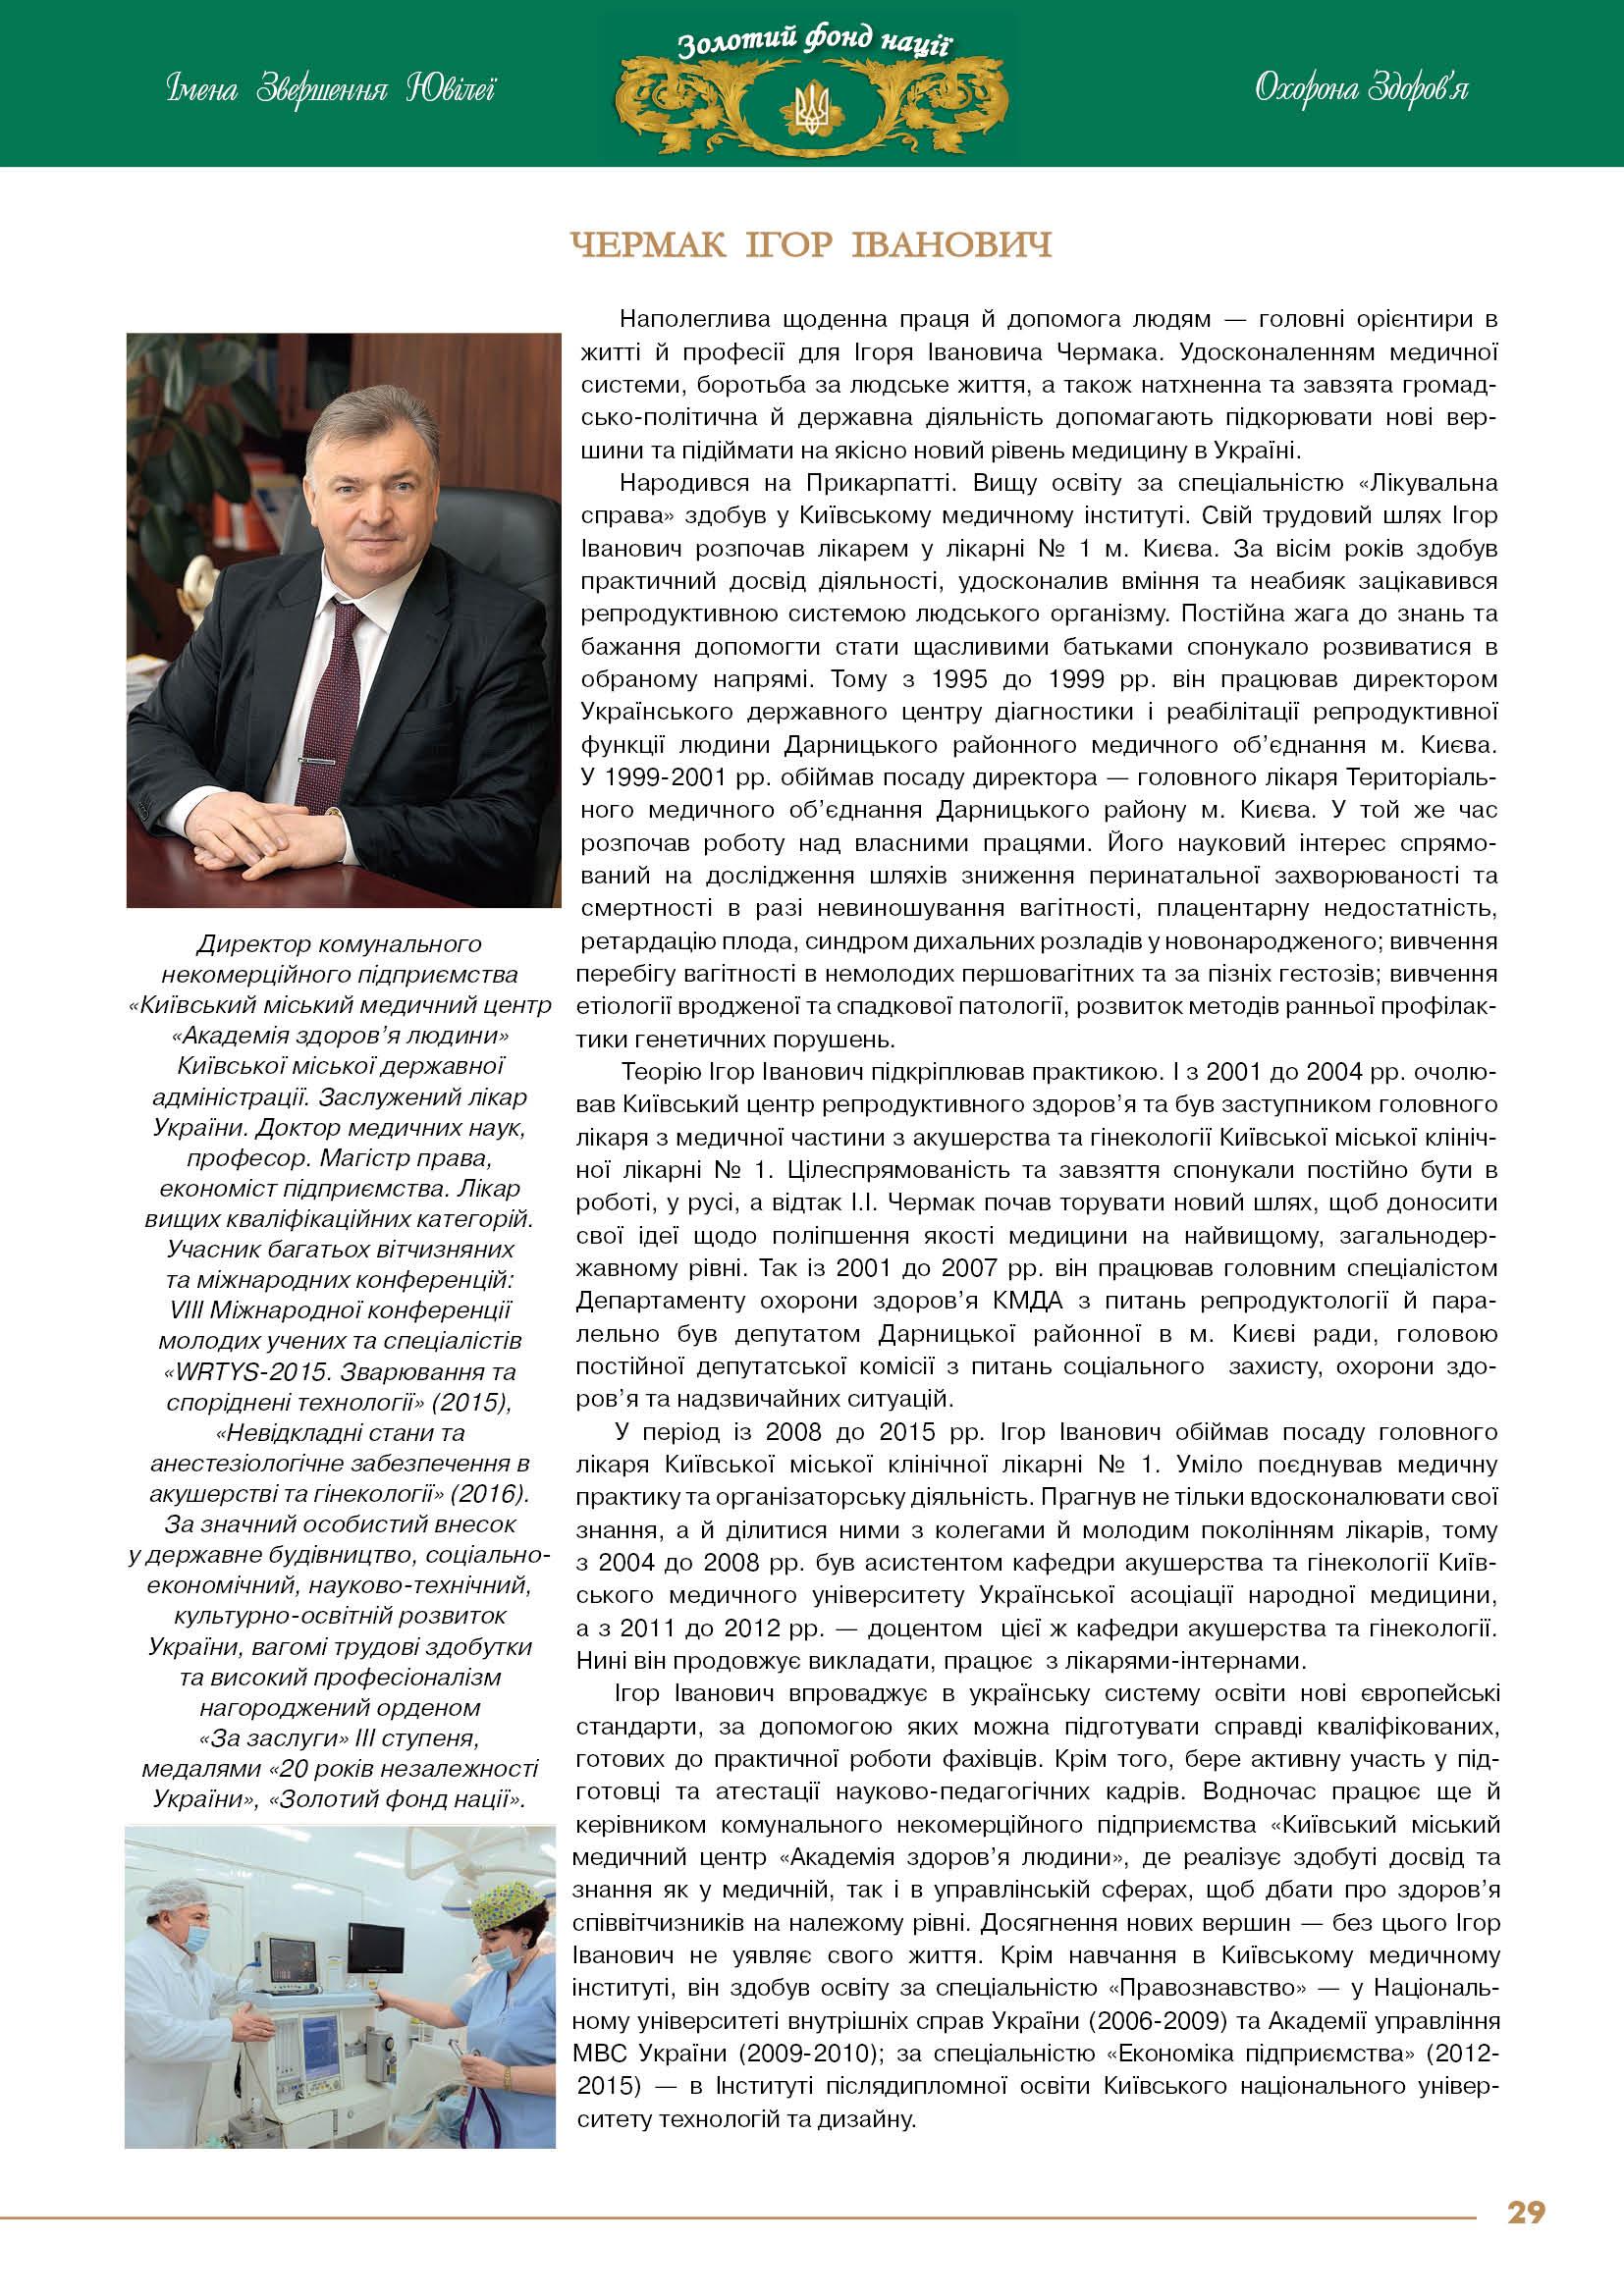 Чермак Ігор Іванович